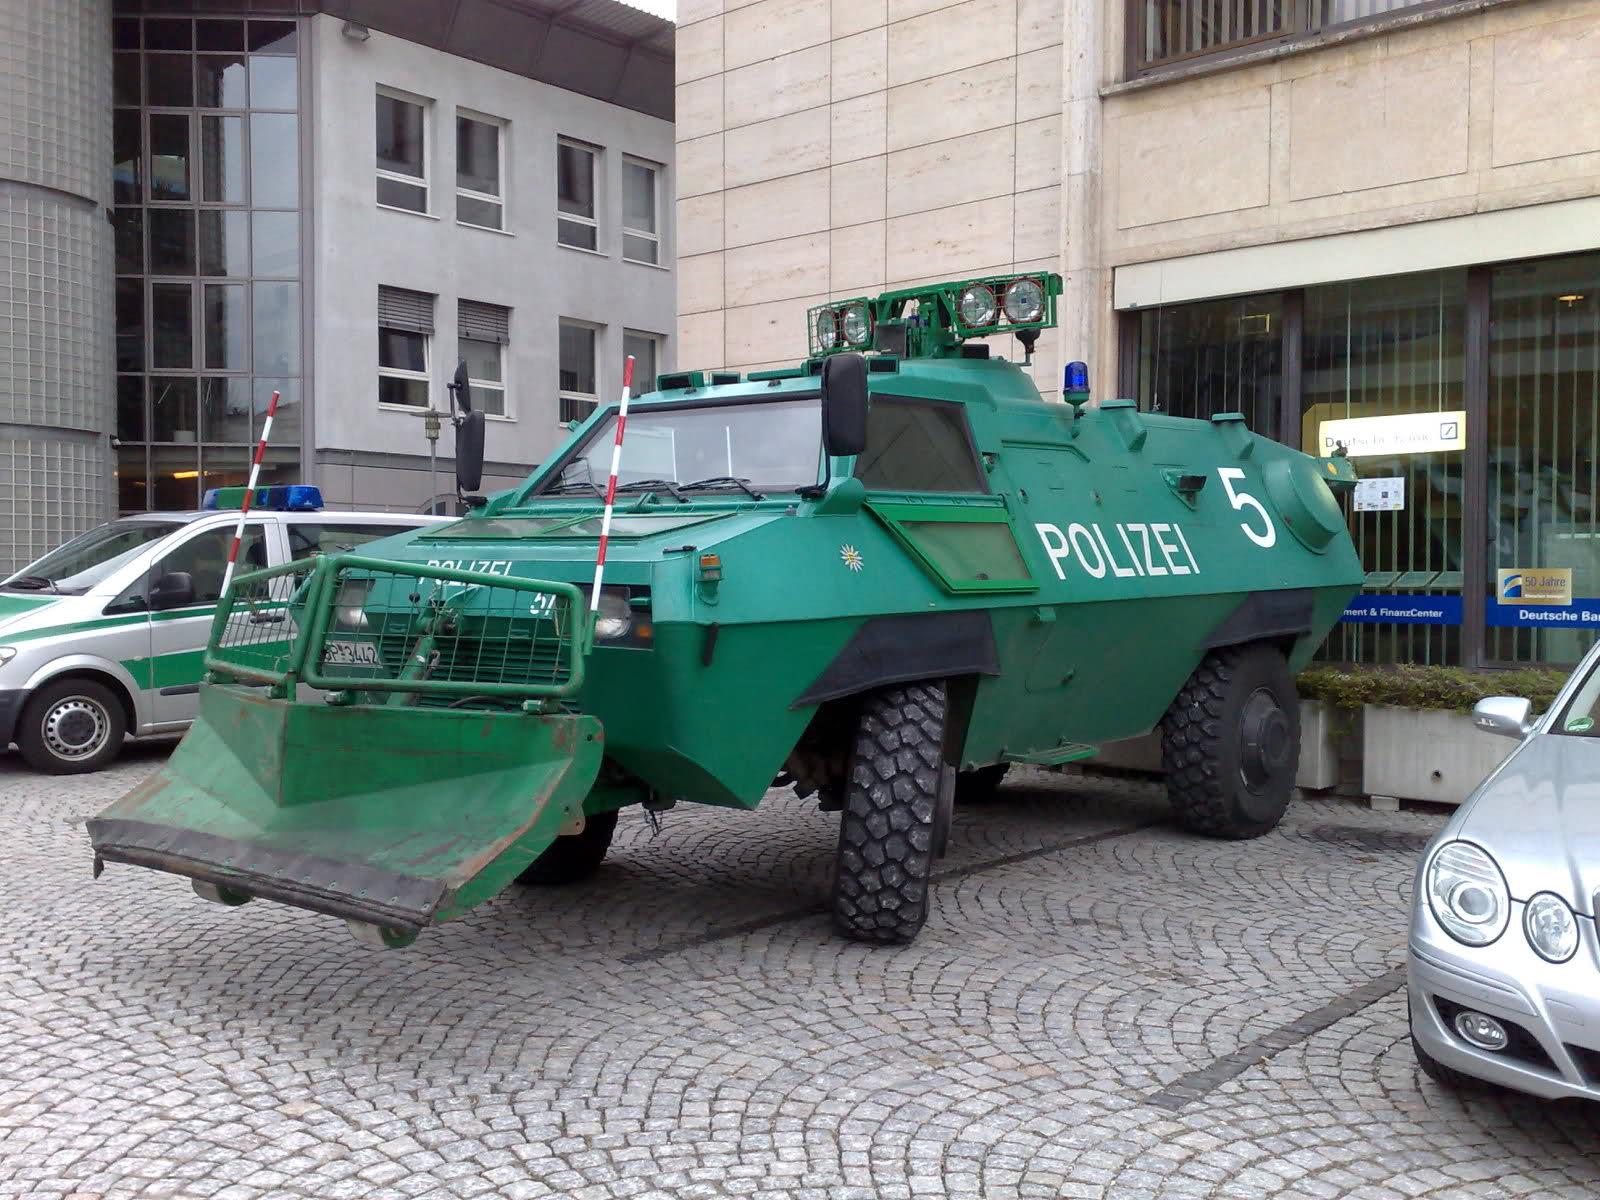 Белград: Бомбандировките на НАТО през 1999 са нелегални